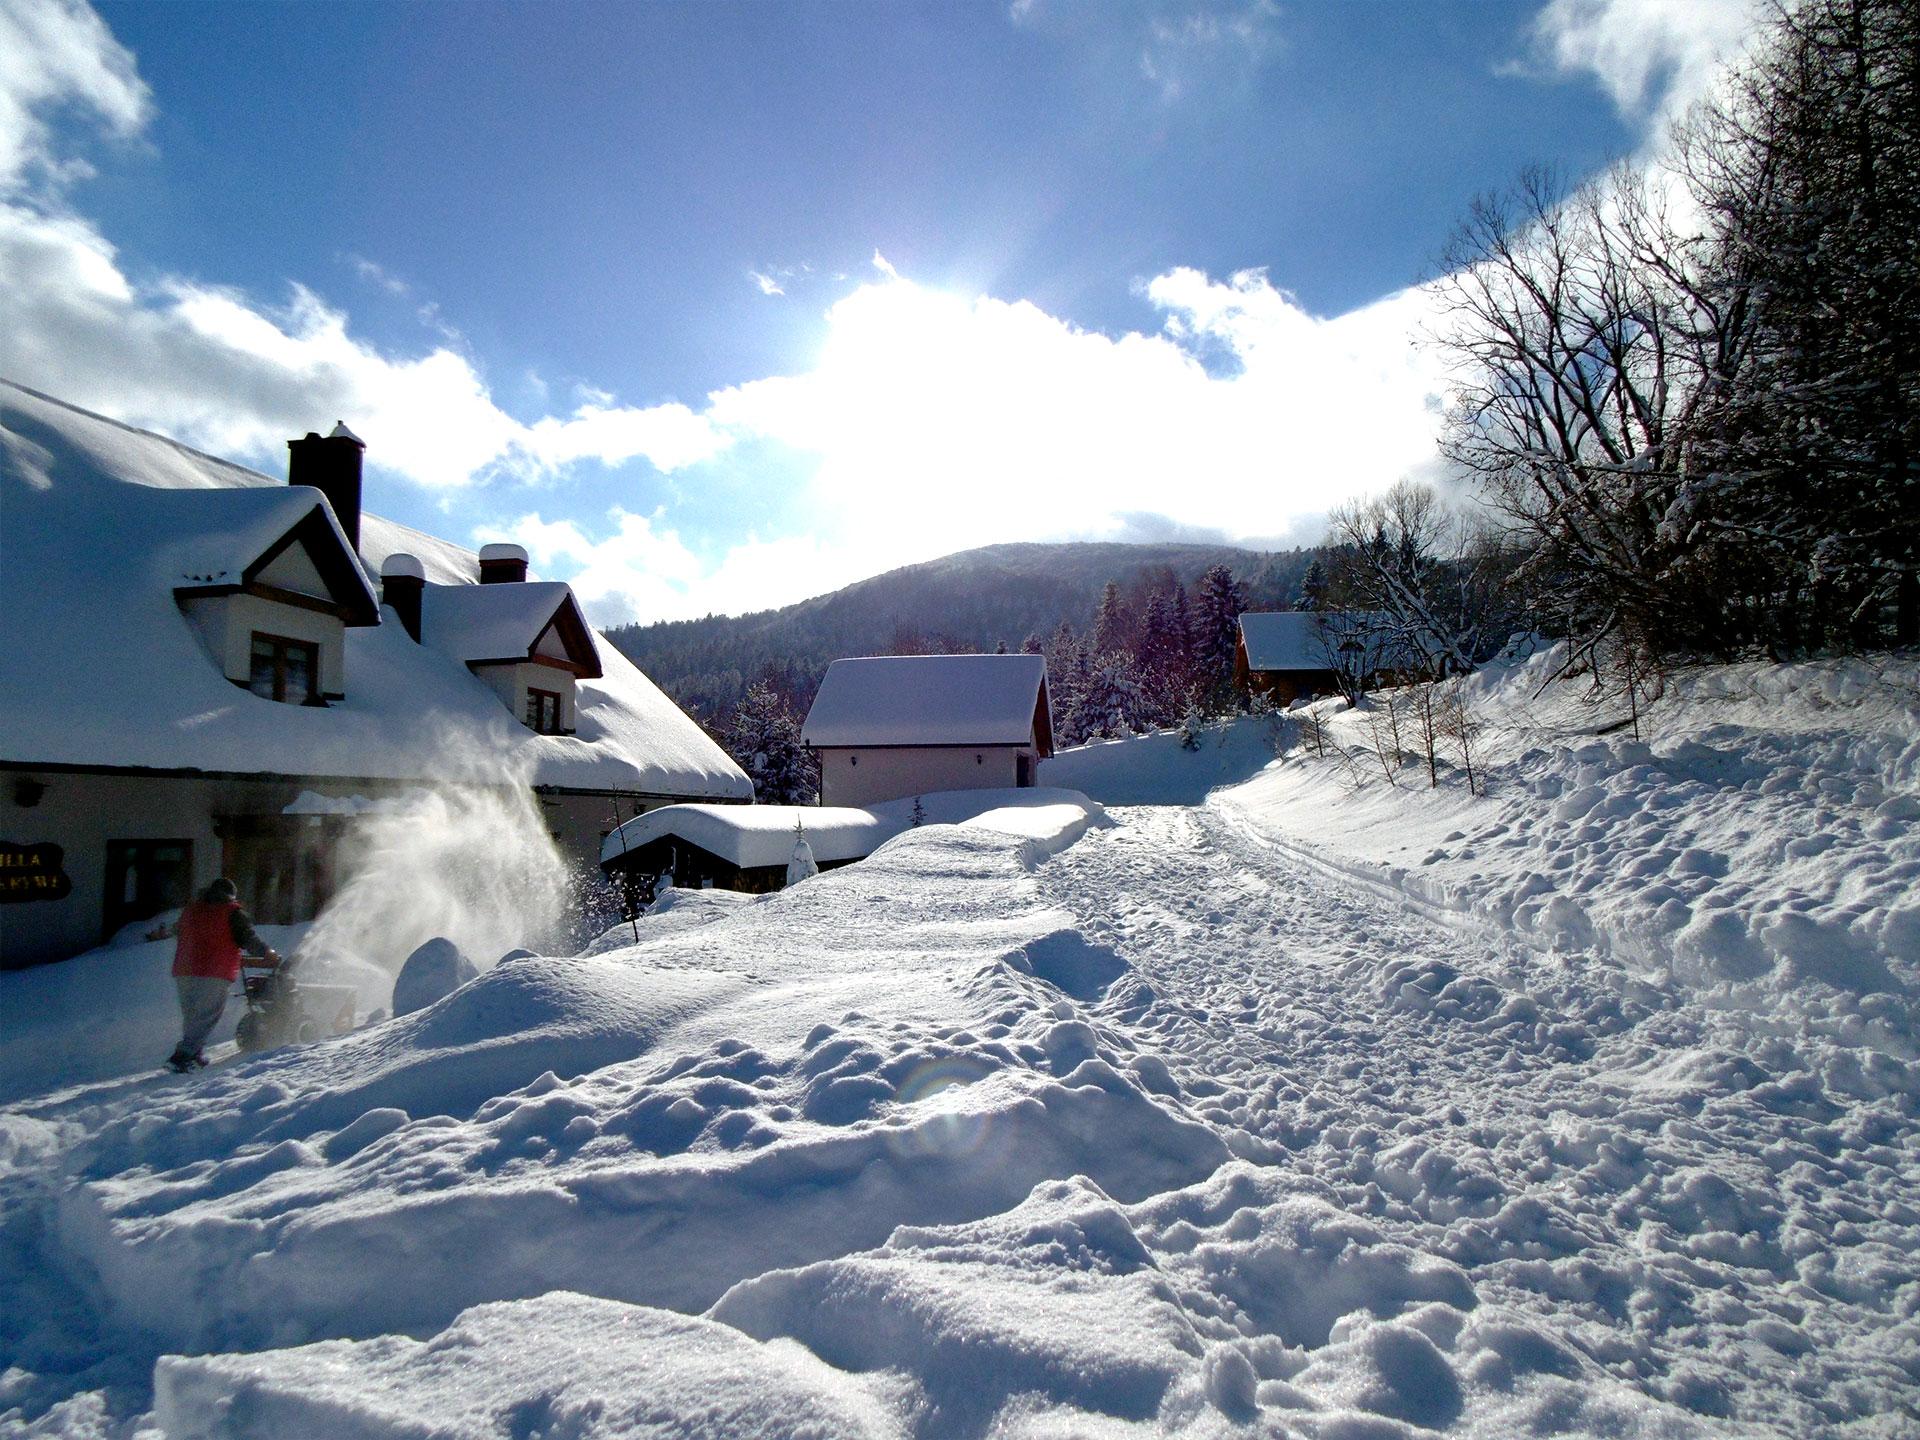 zimowa sceneria otoczenia Willi Krywe